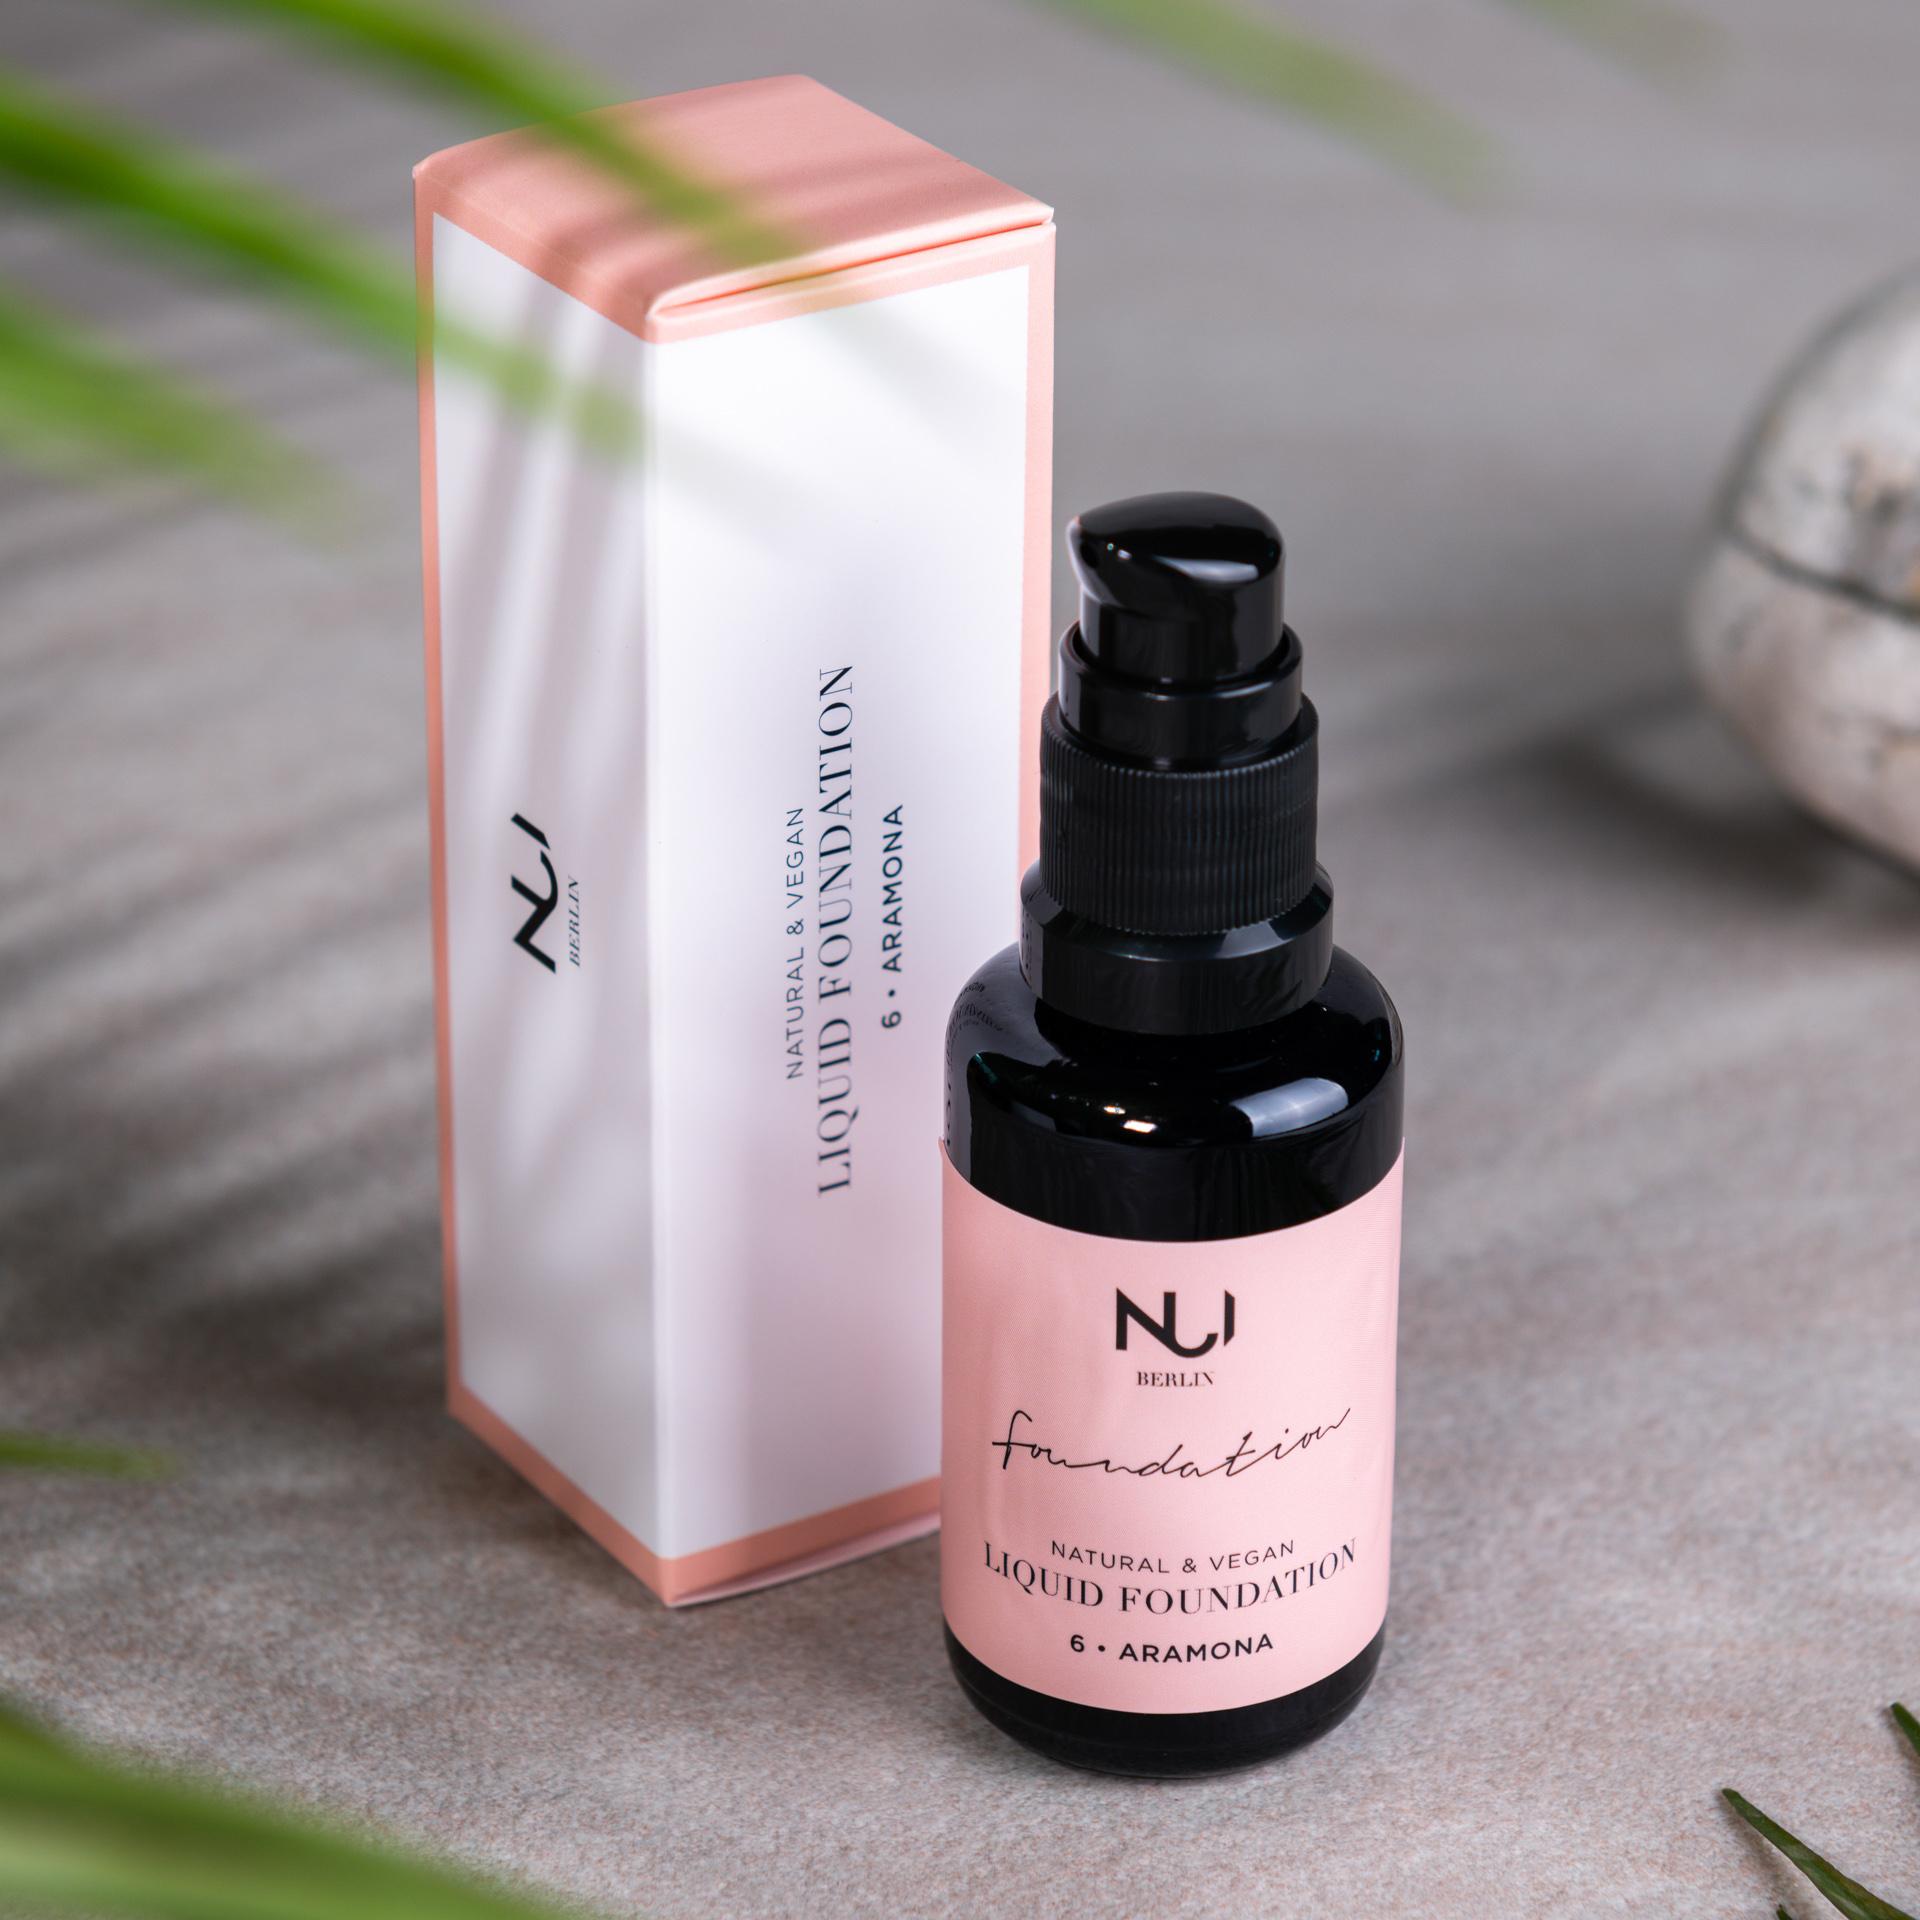 NUI Natural Liquid Foundation 06 ARAMONA